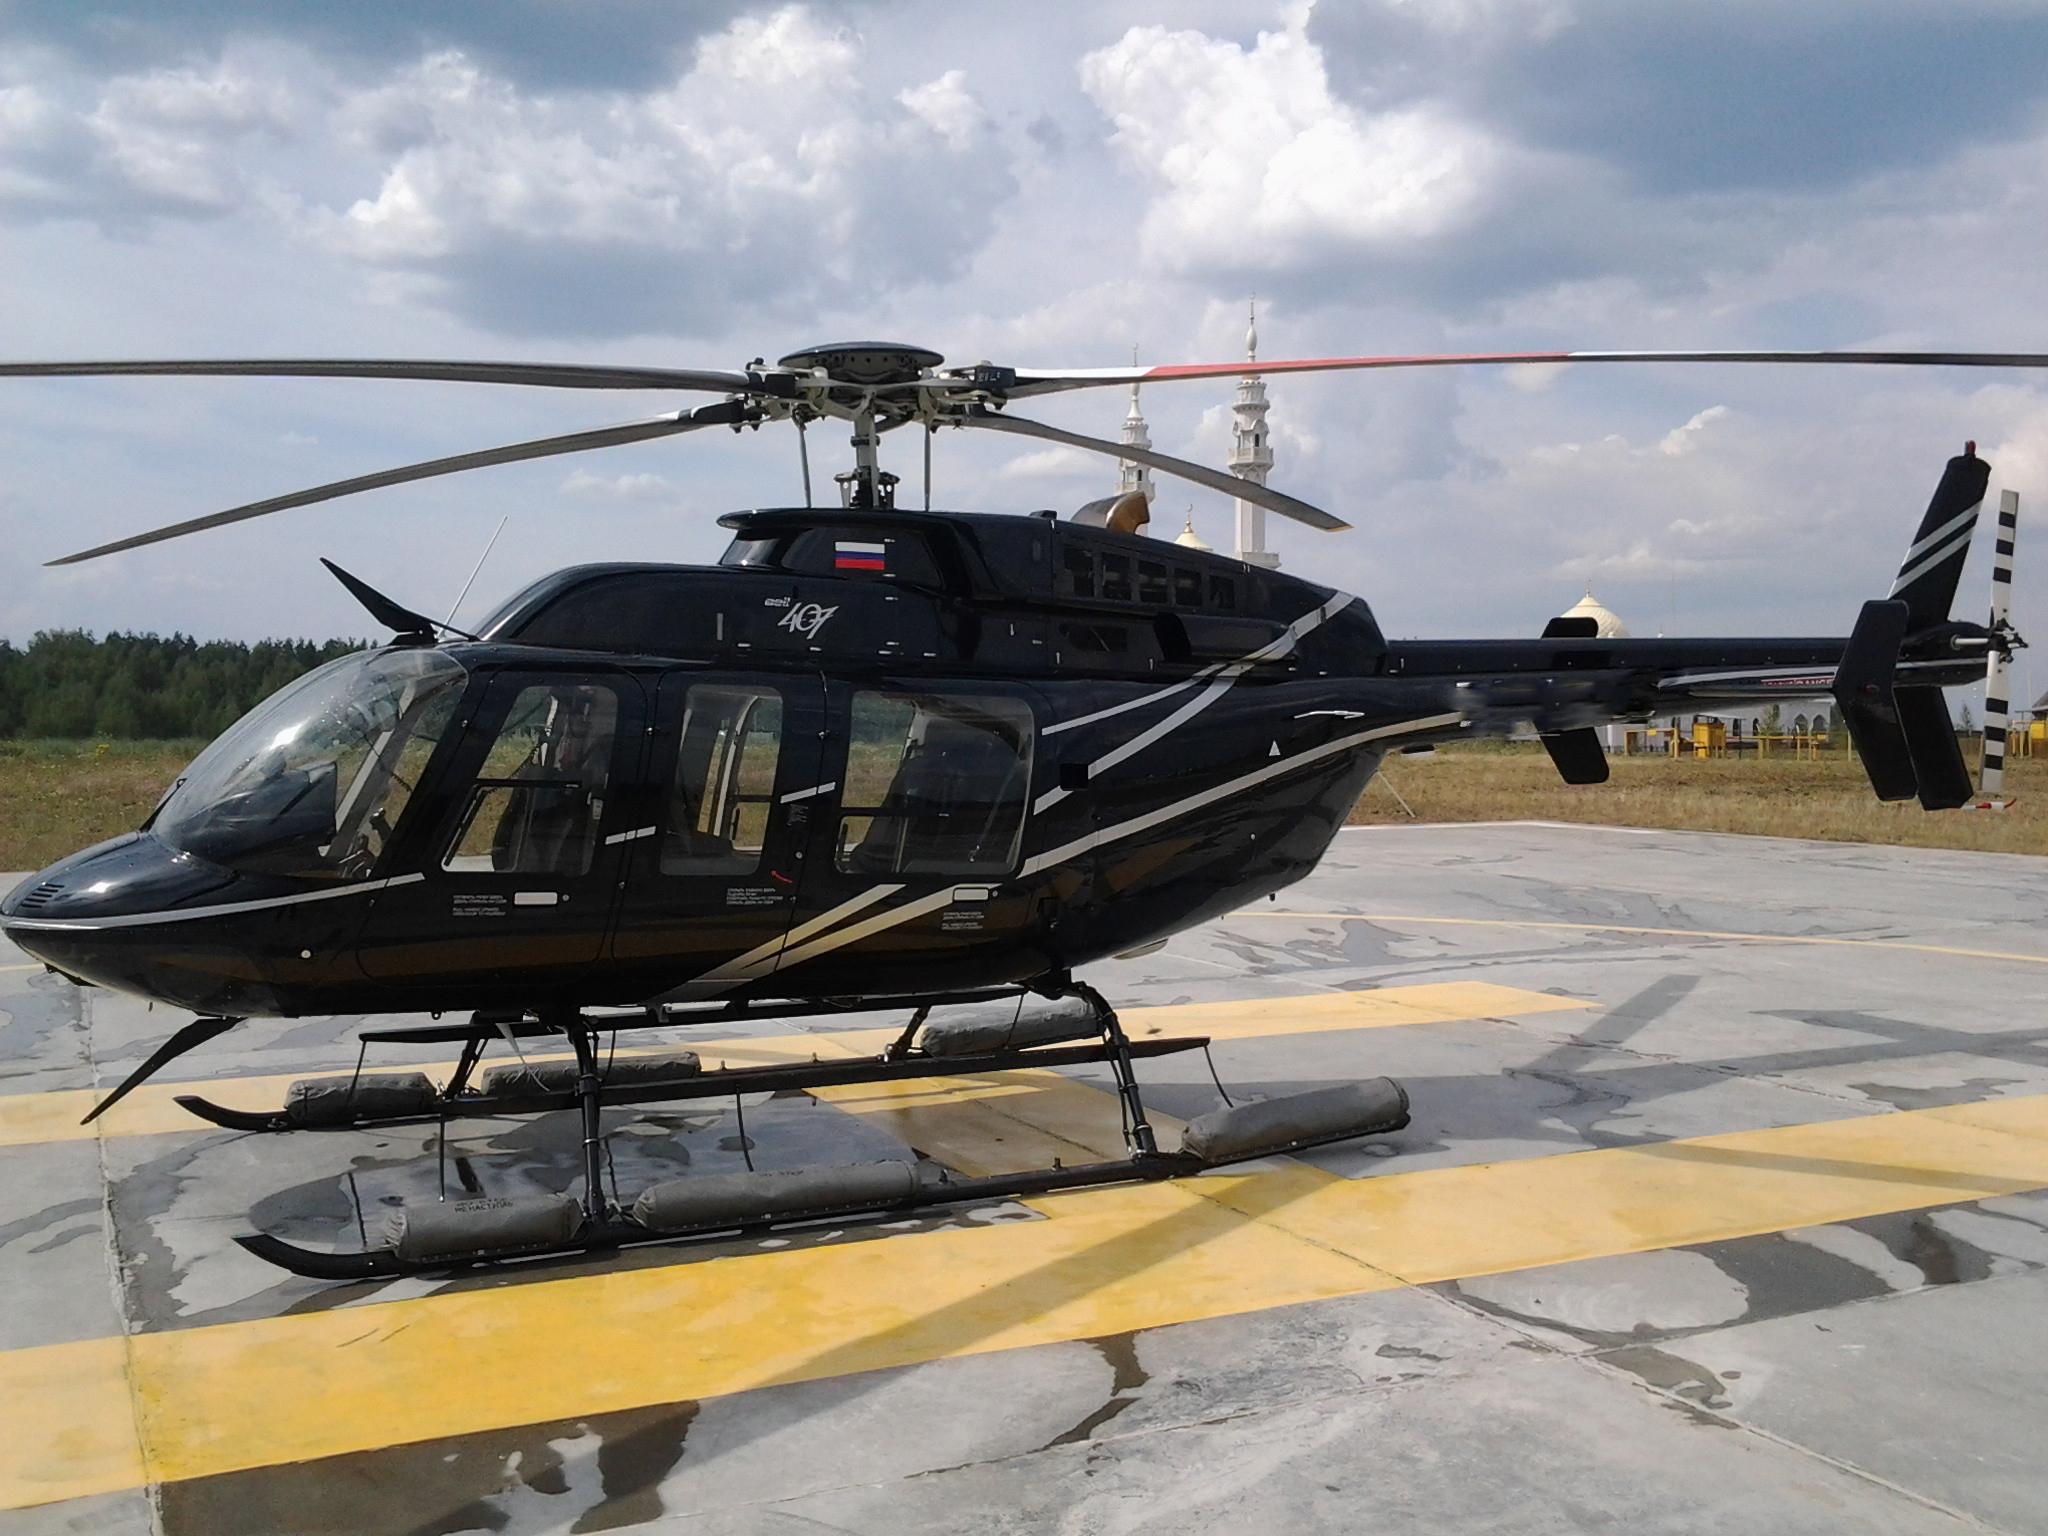 Добираемся на вертолете куда угодно в кратчайшие сроки